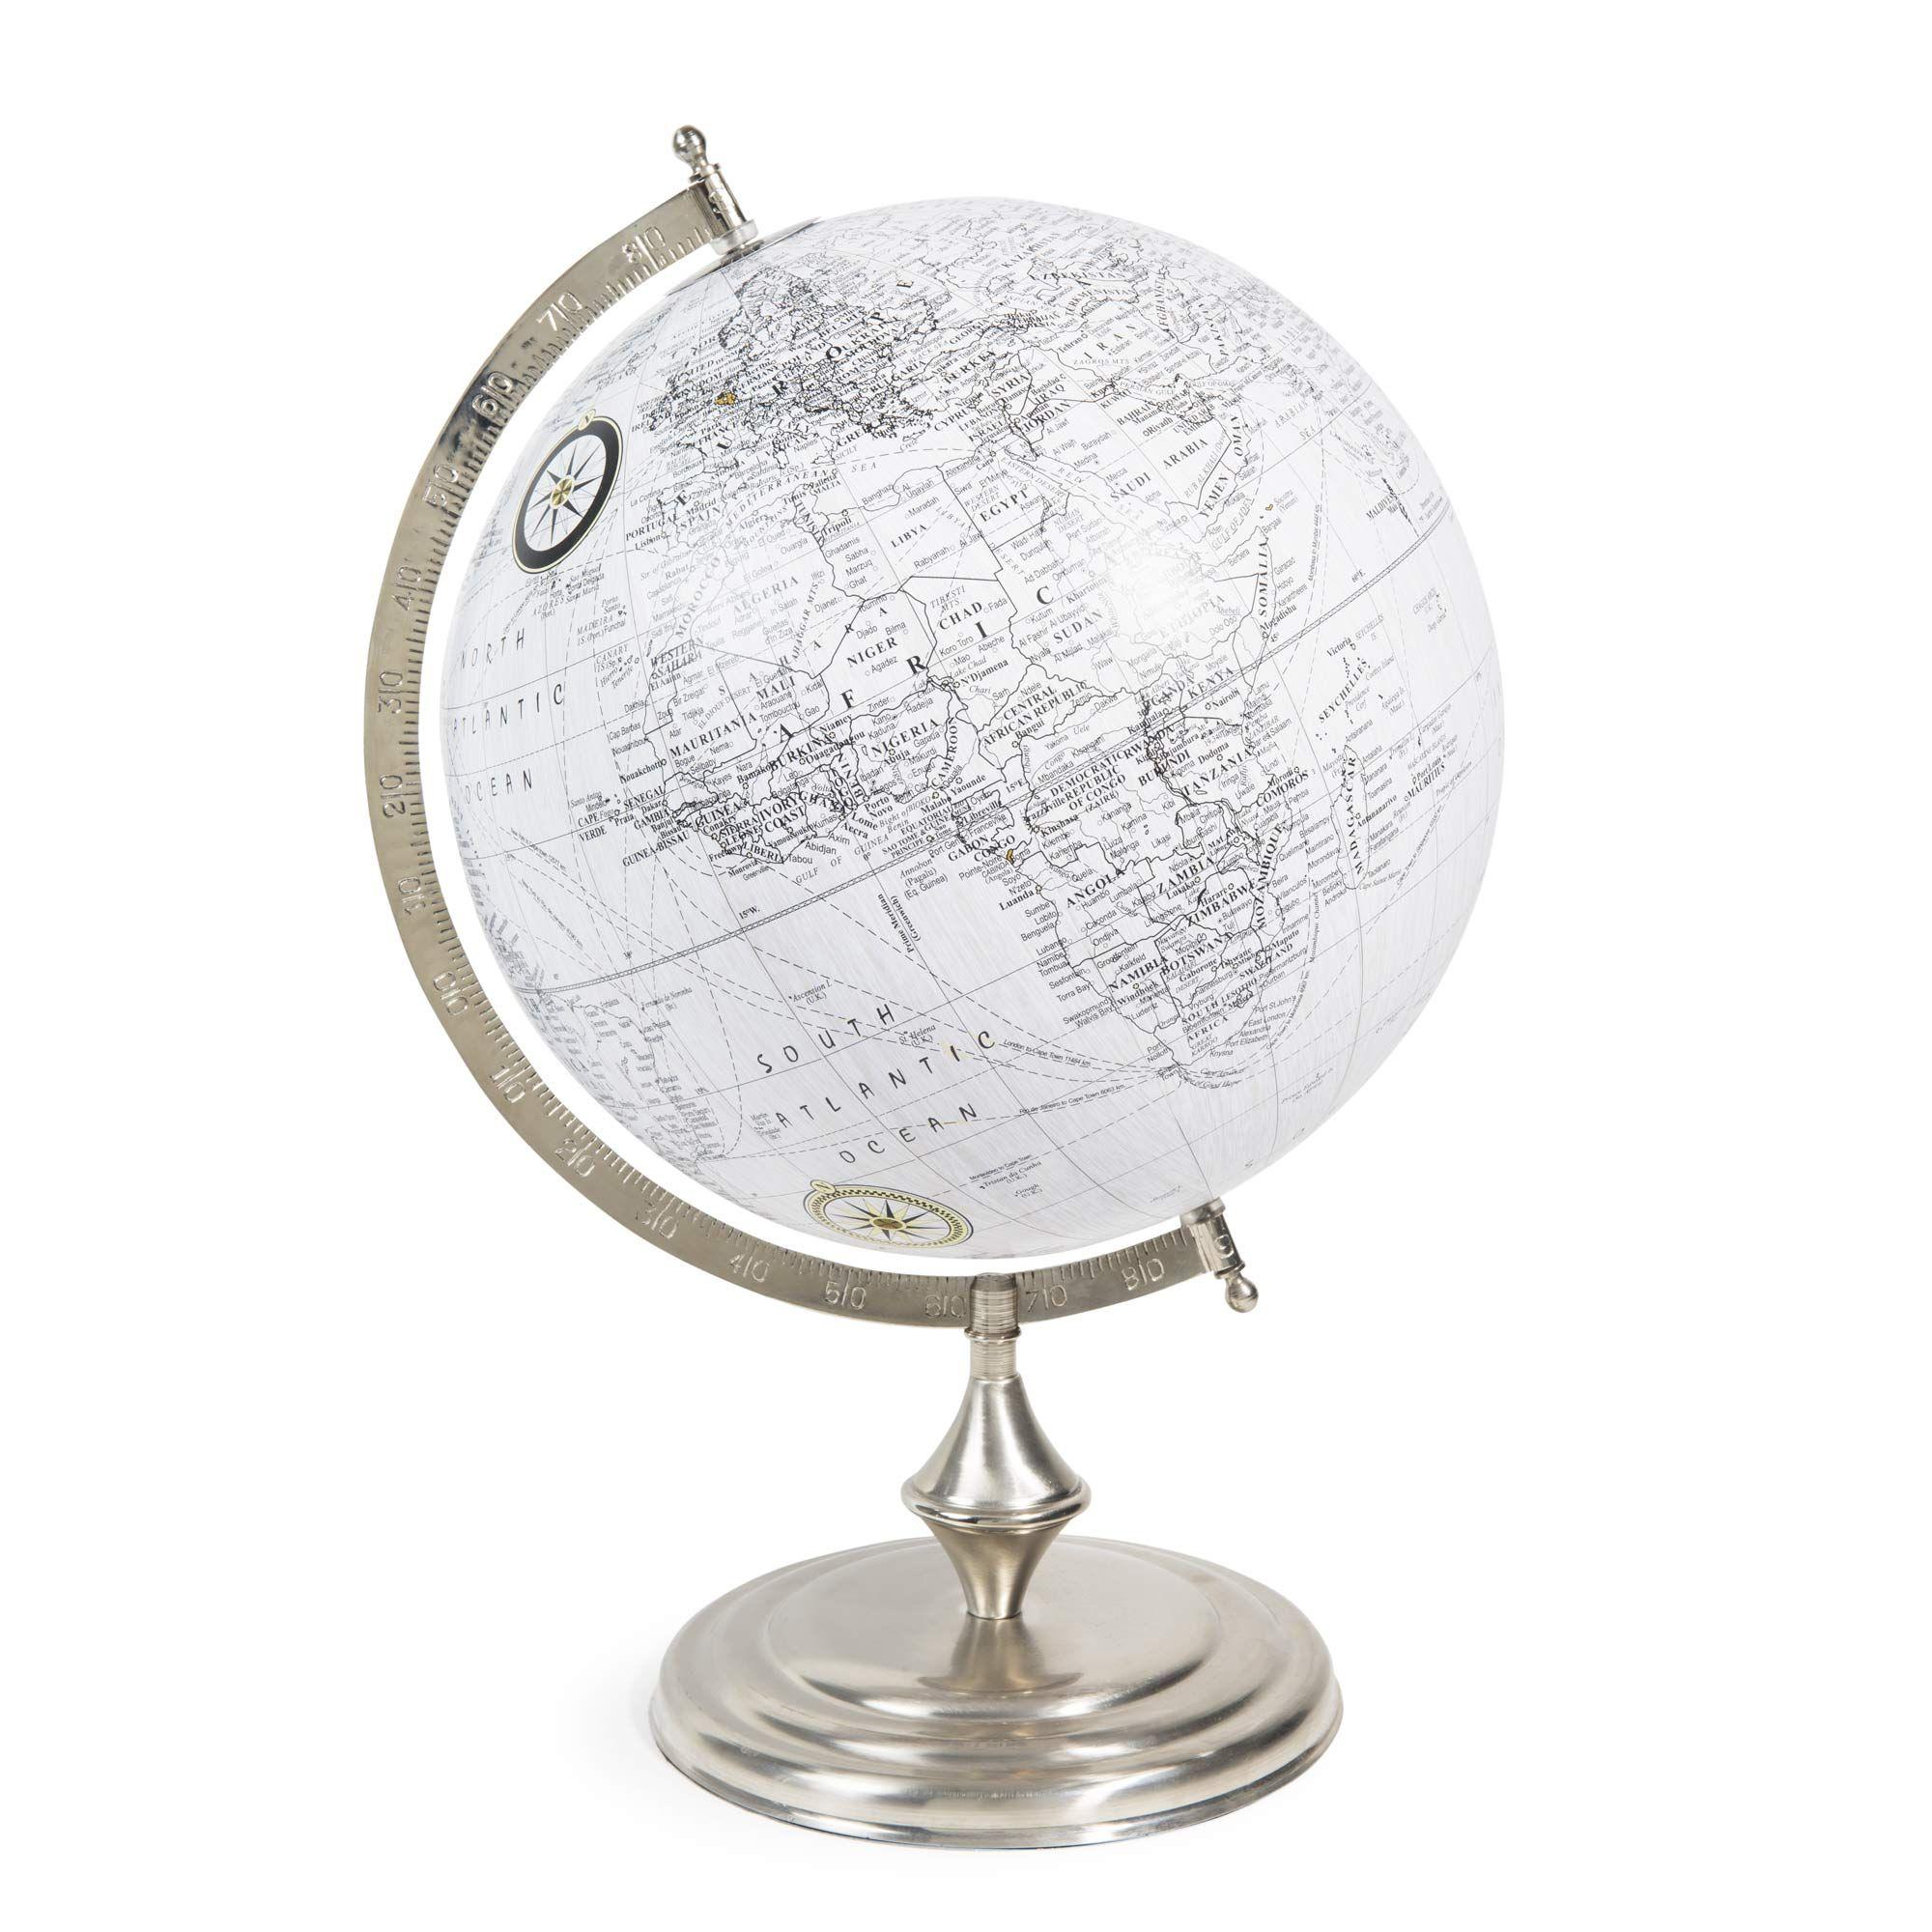 globe blanc d 30 cm chelsea maison du monde 50 euros salon pinterest deco globe et maison. Black Bedroom Furniture Sets. Home Design Ideas